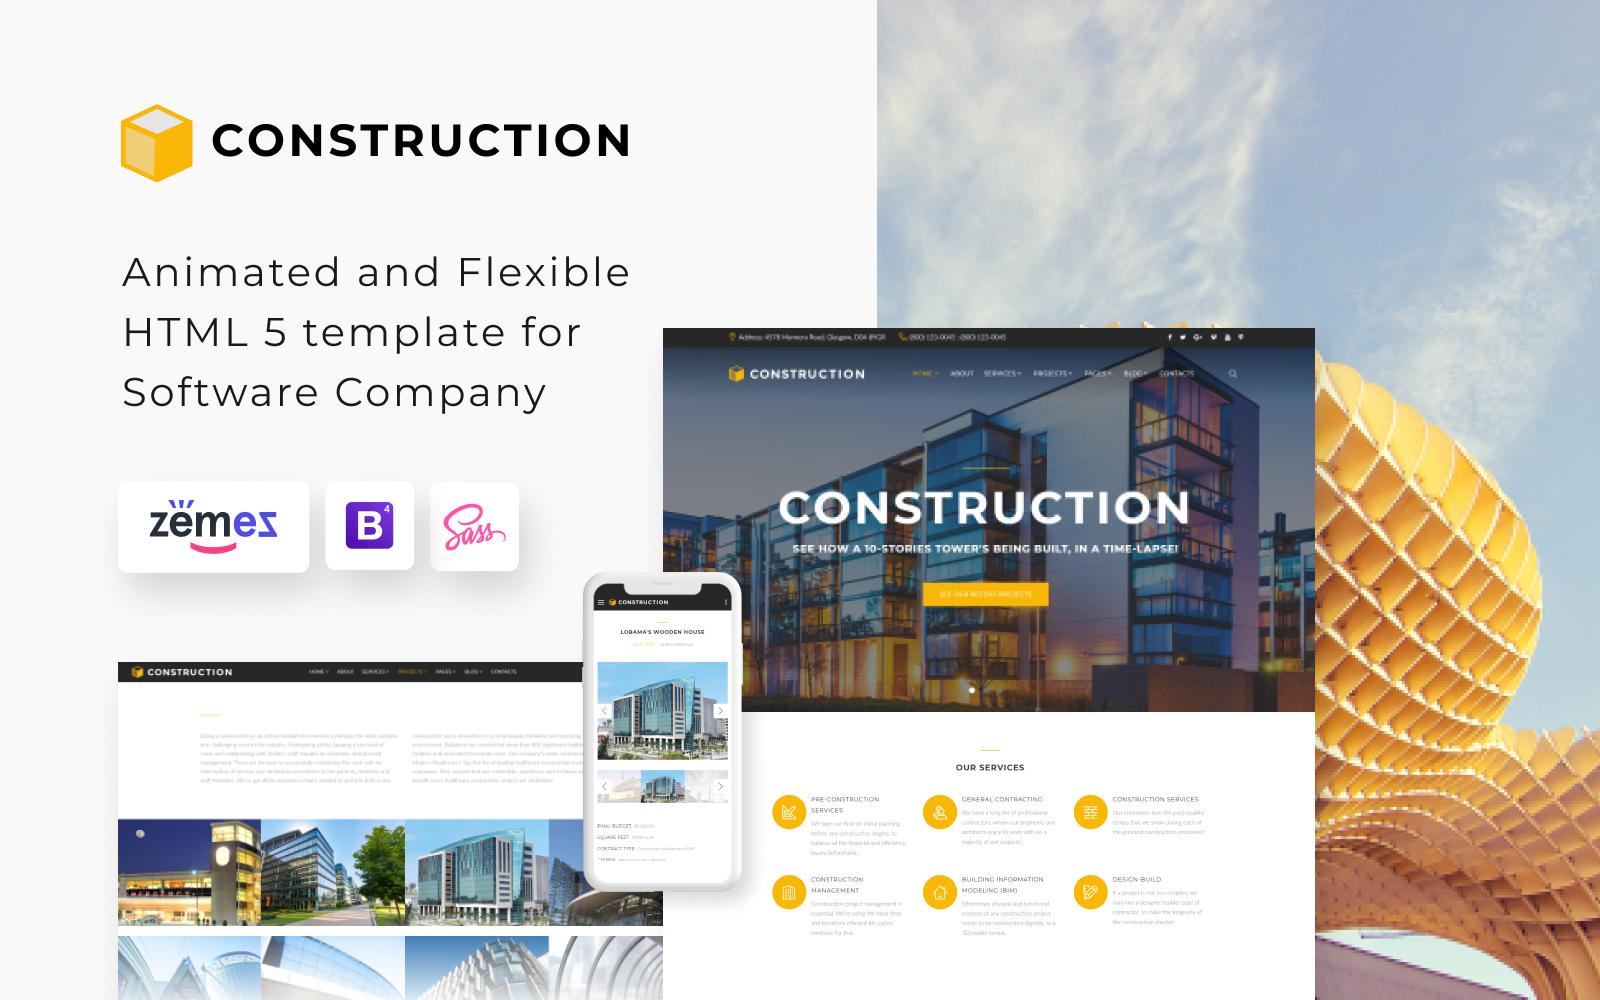 Reszponzív Construction - Construction Company Responsive Multipage Weboldal sablon 62269